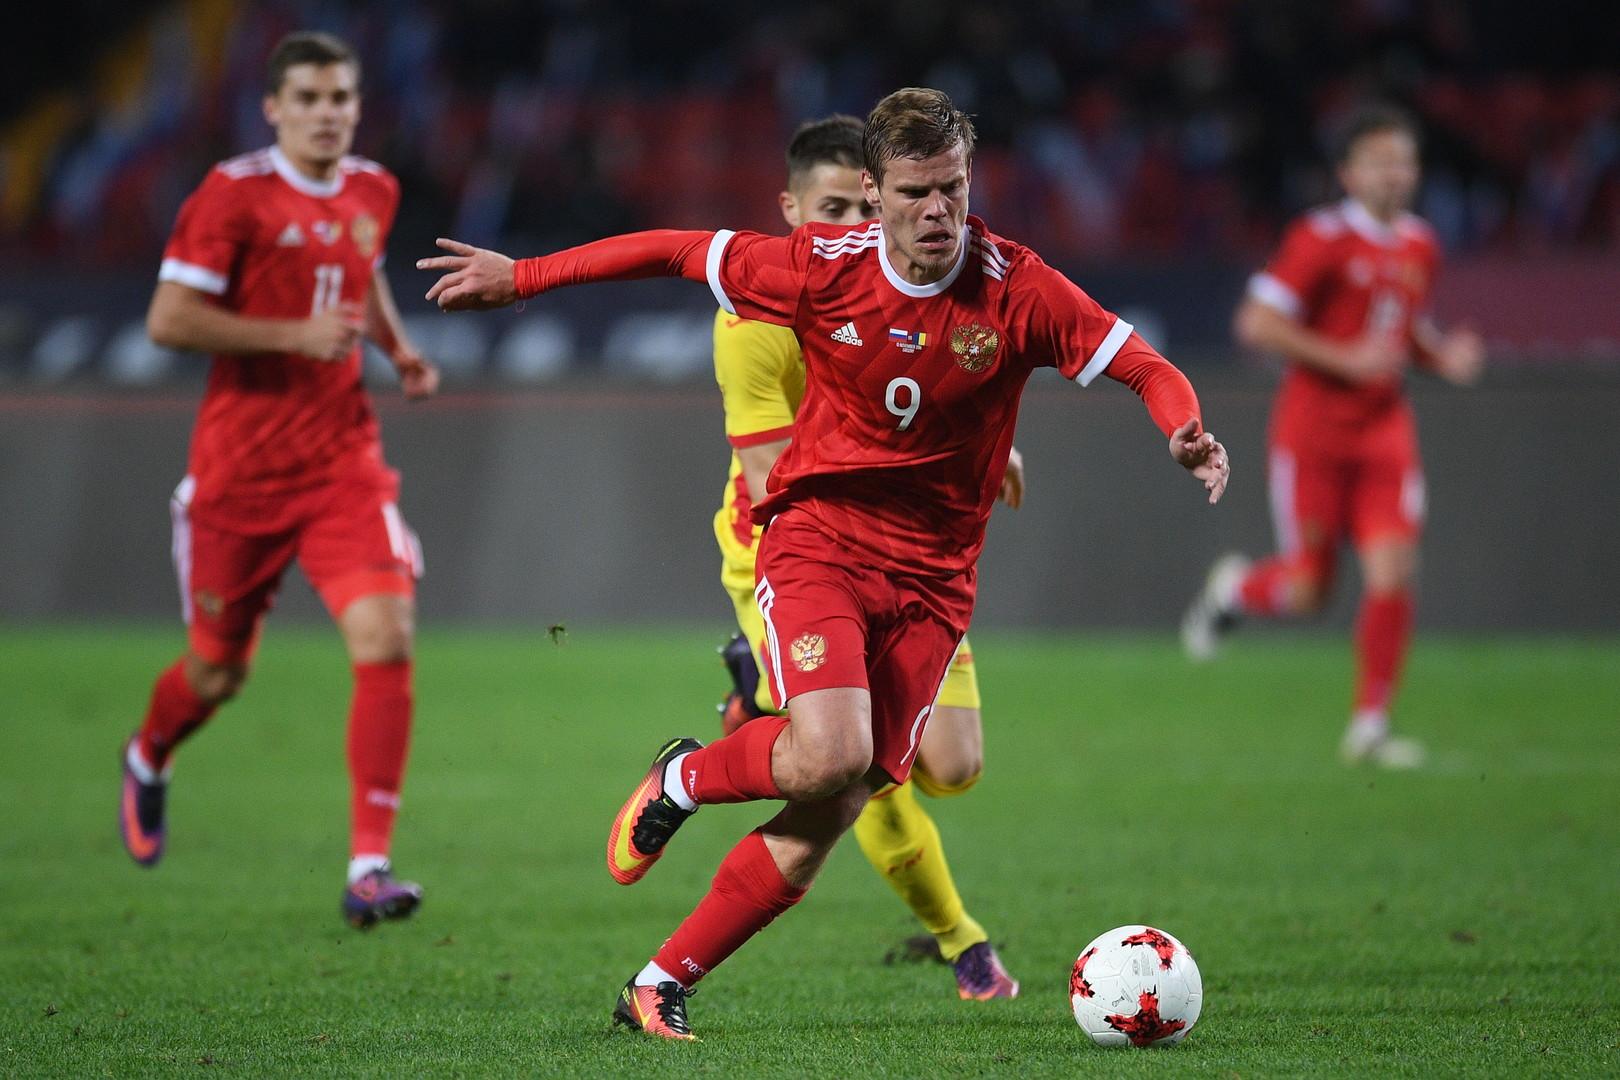 Ударный занавес: сборная России обыграла Румынию благодаря голу на последней минуте